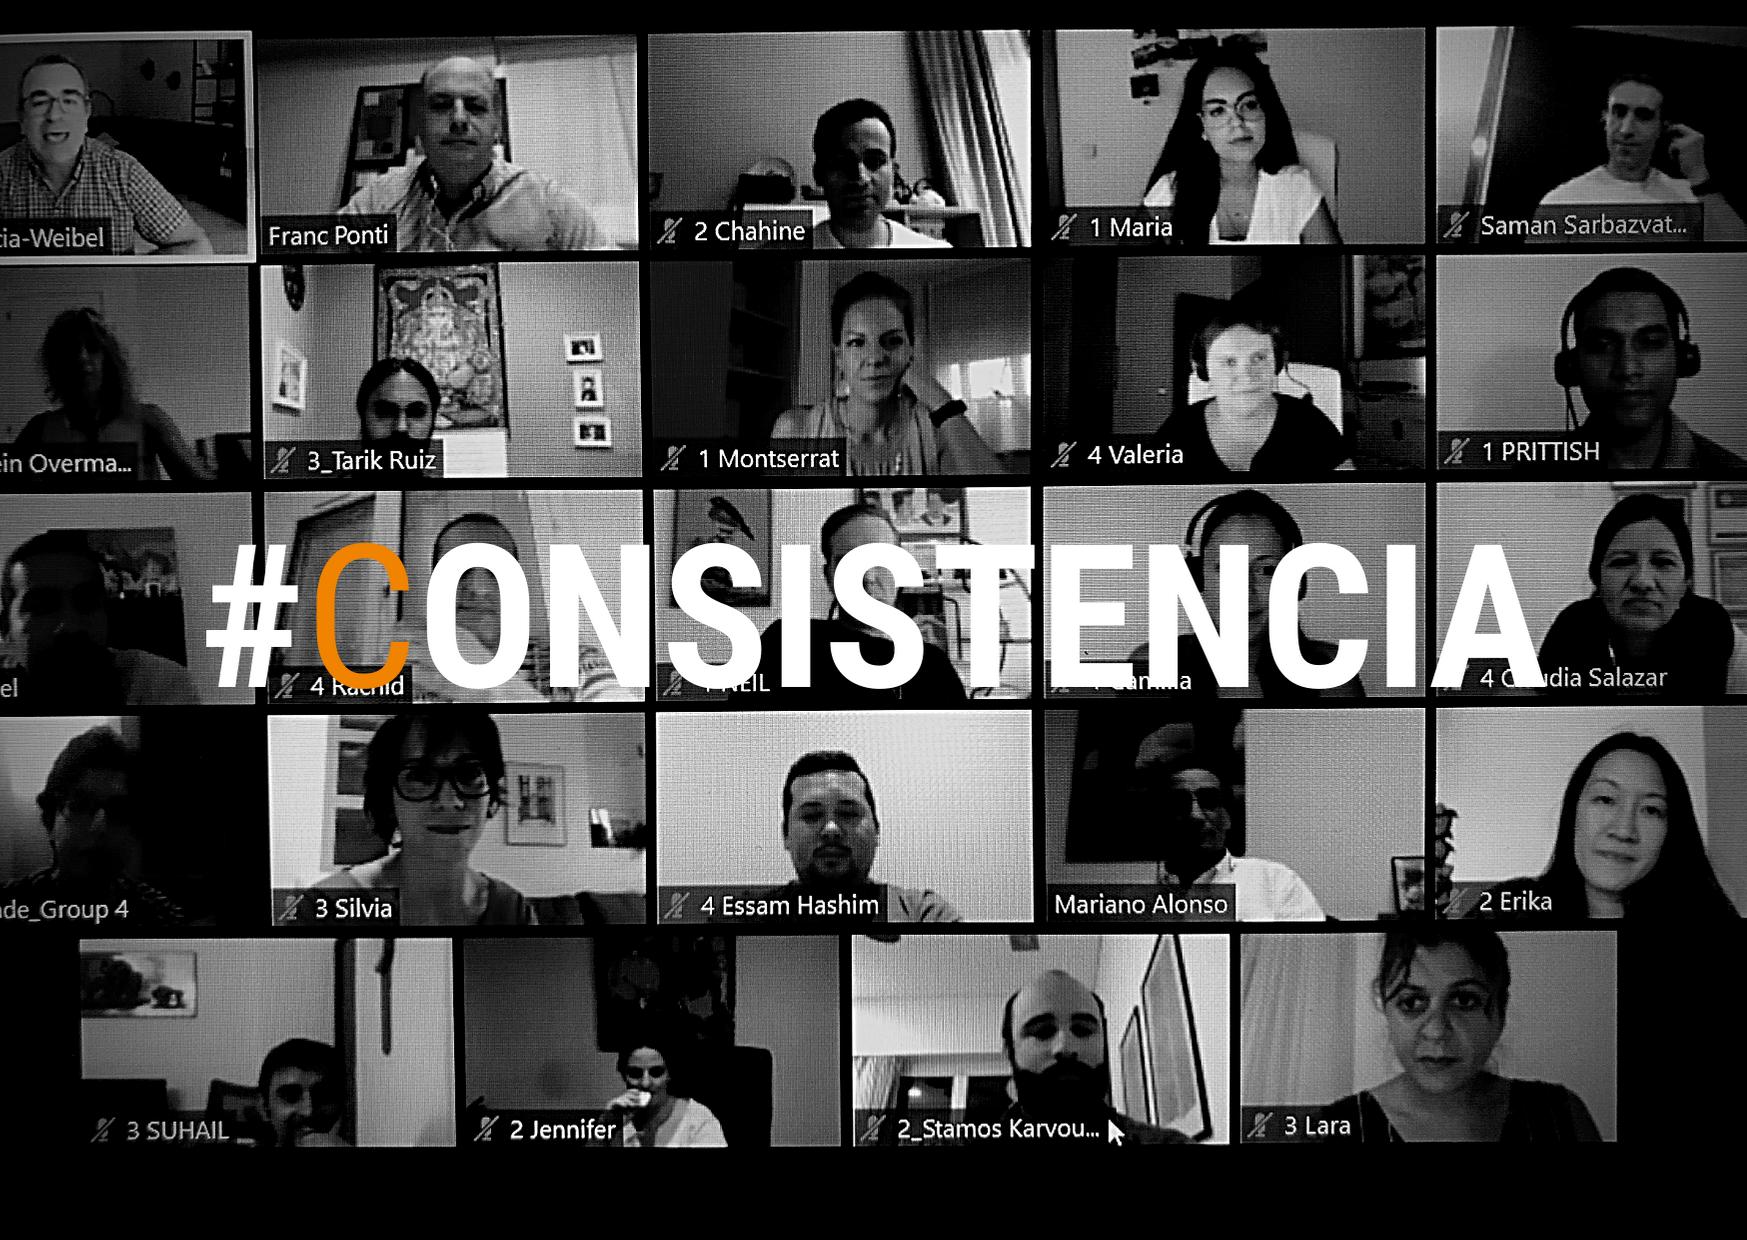 #Consistencia